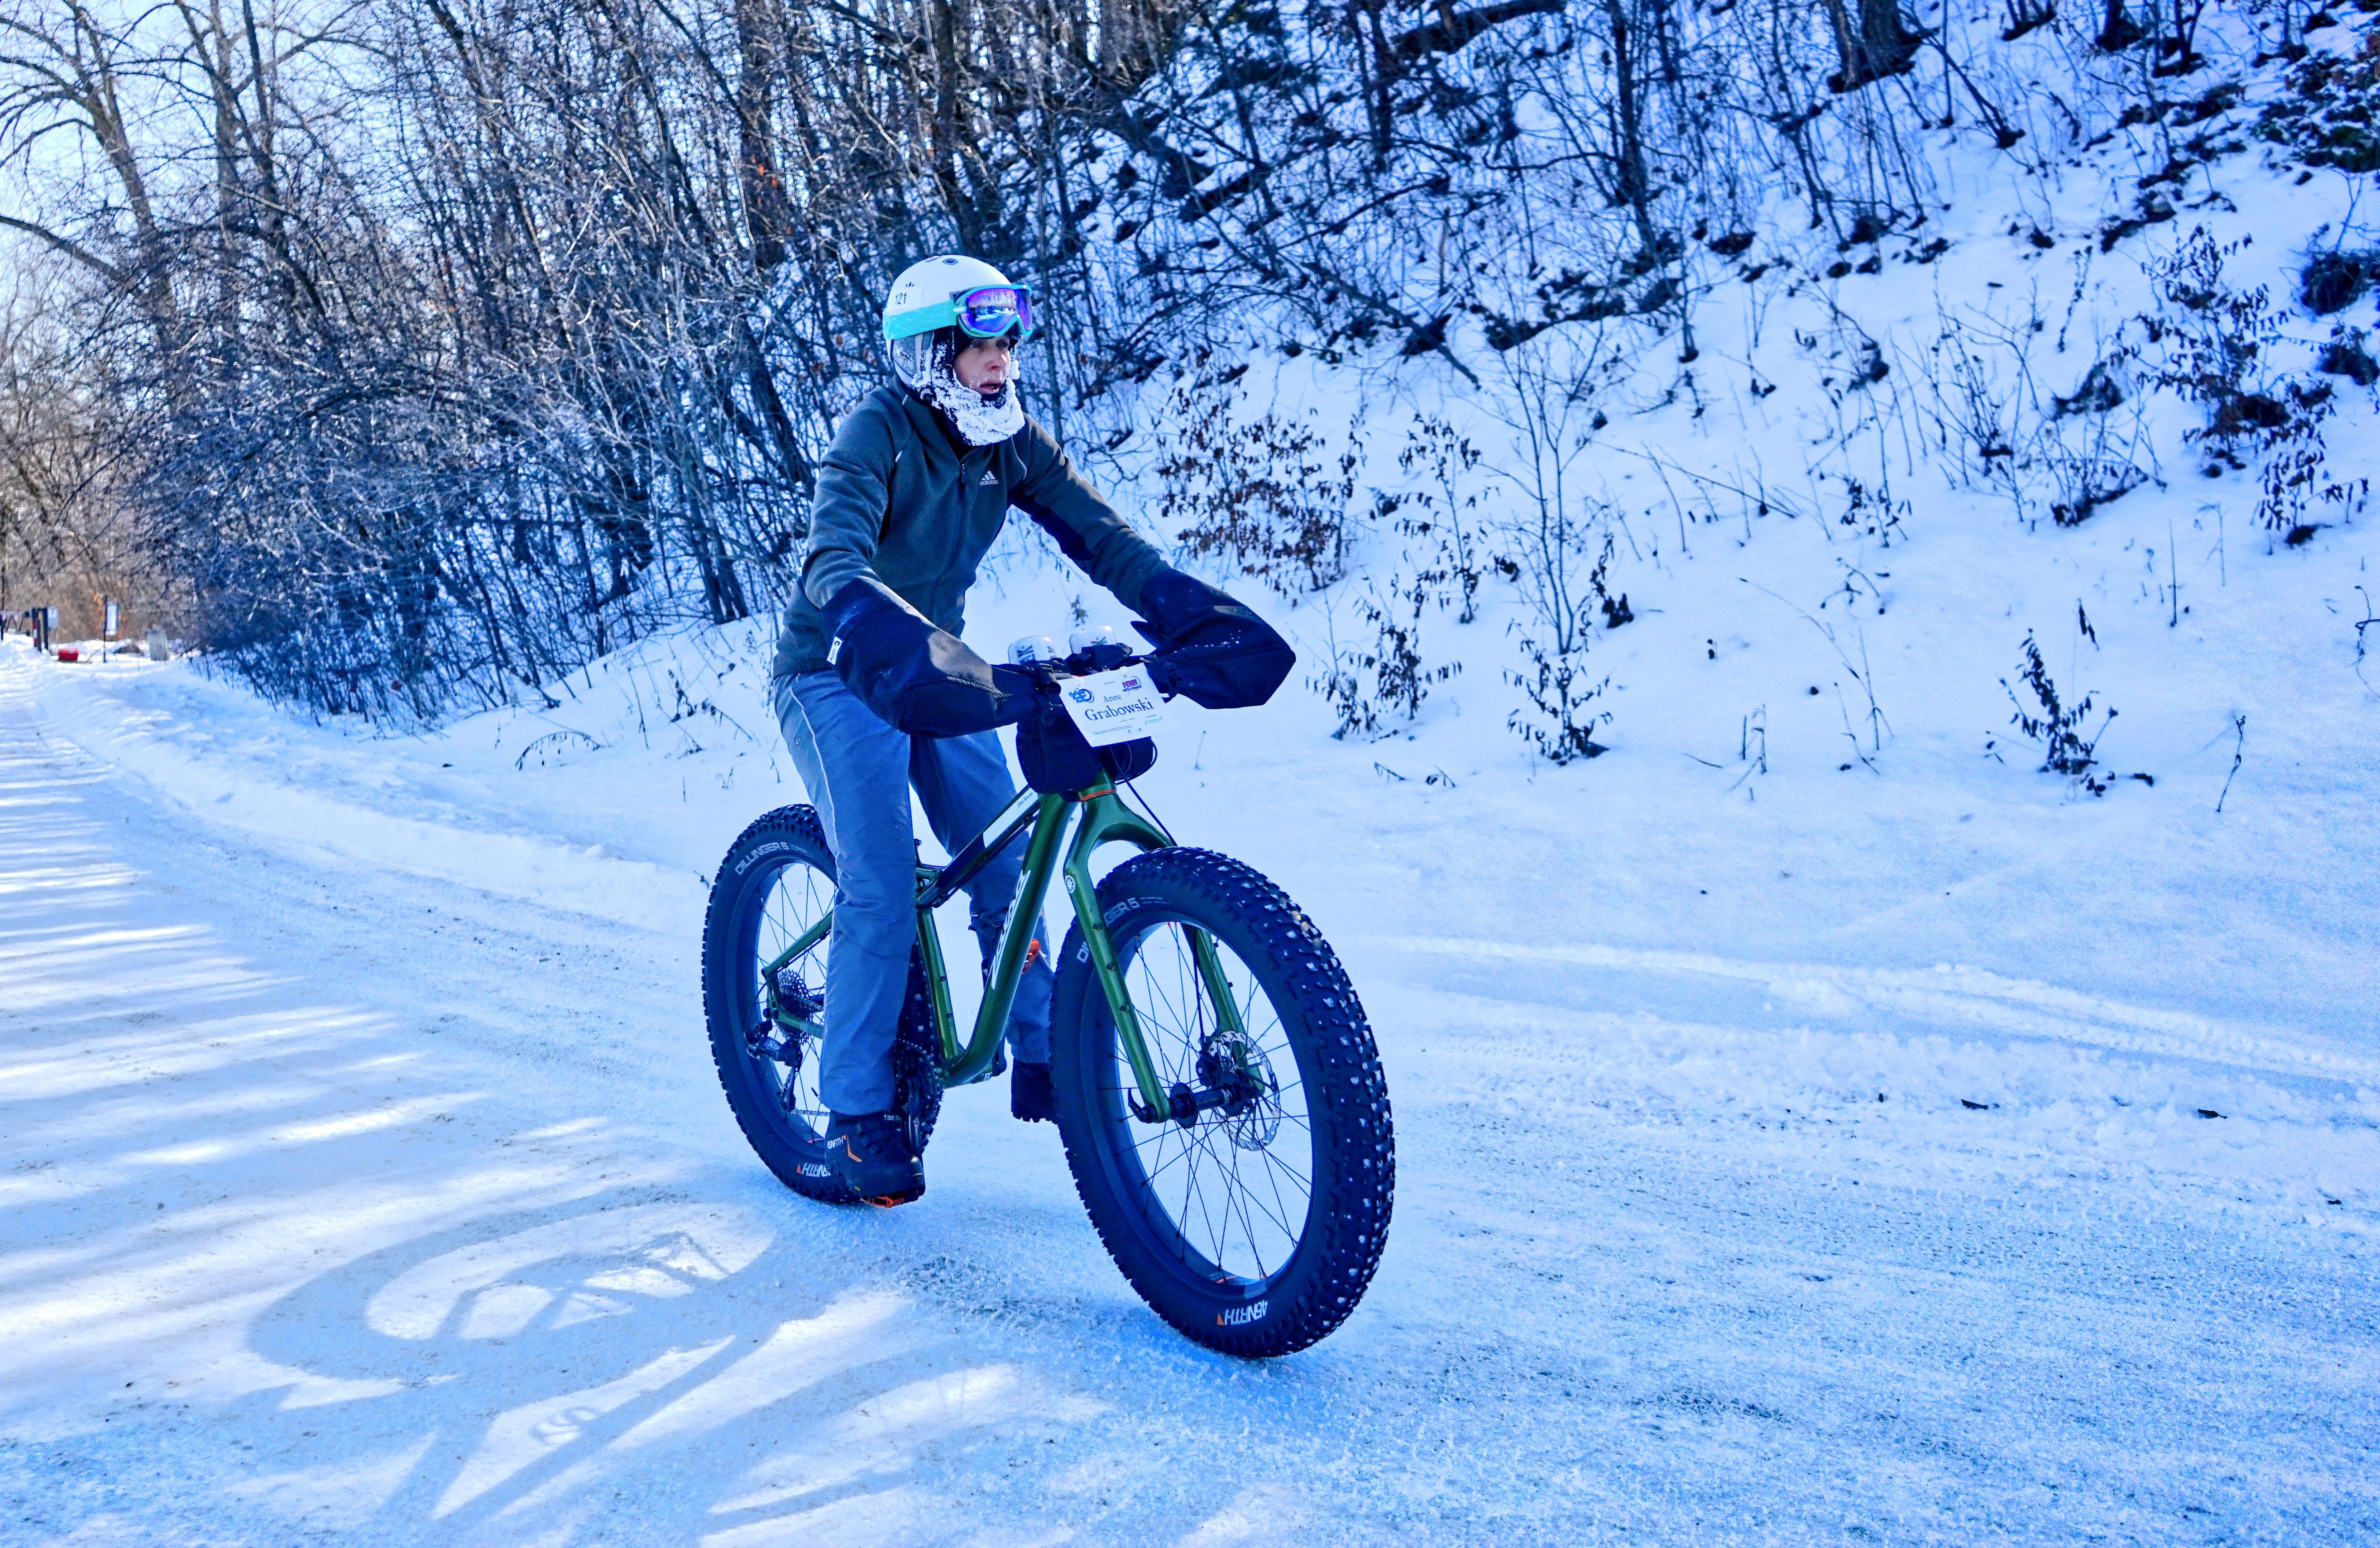 Woman on fat bike in the winter